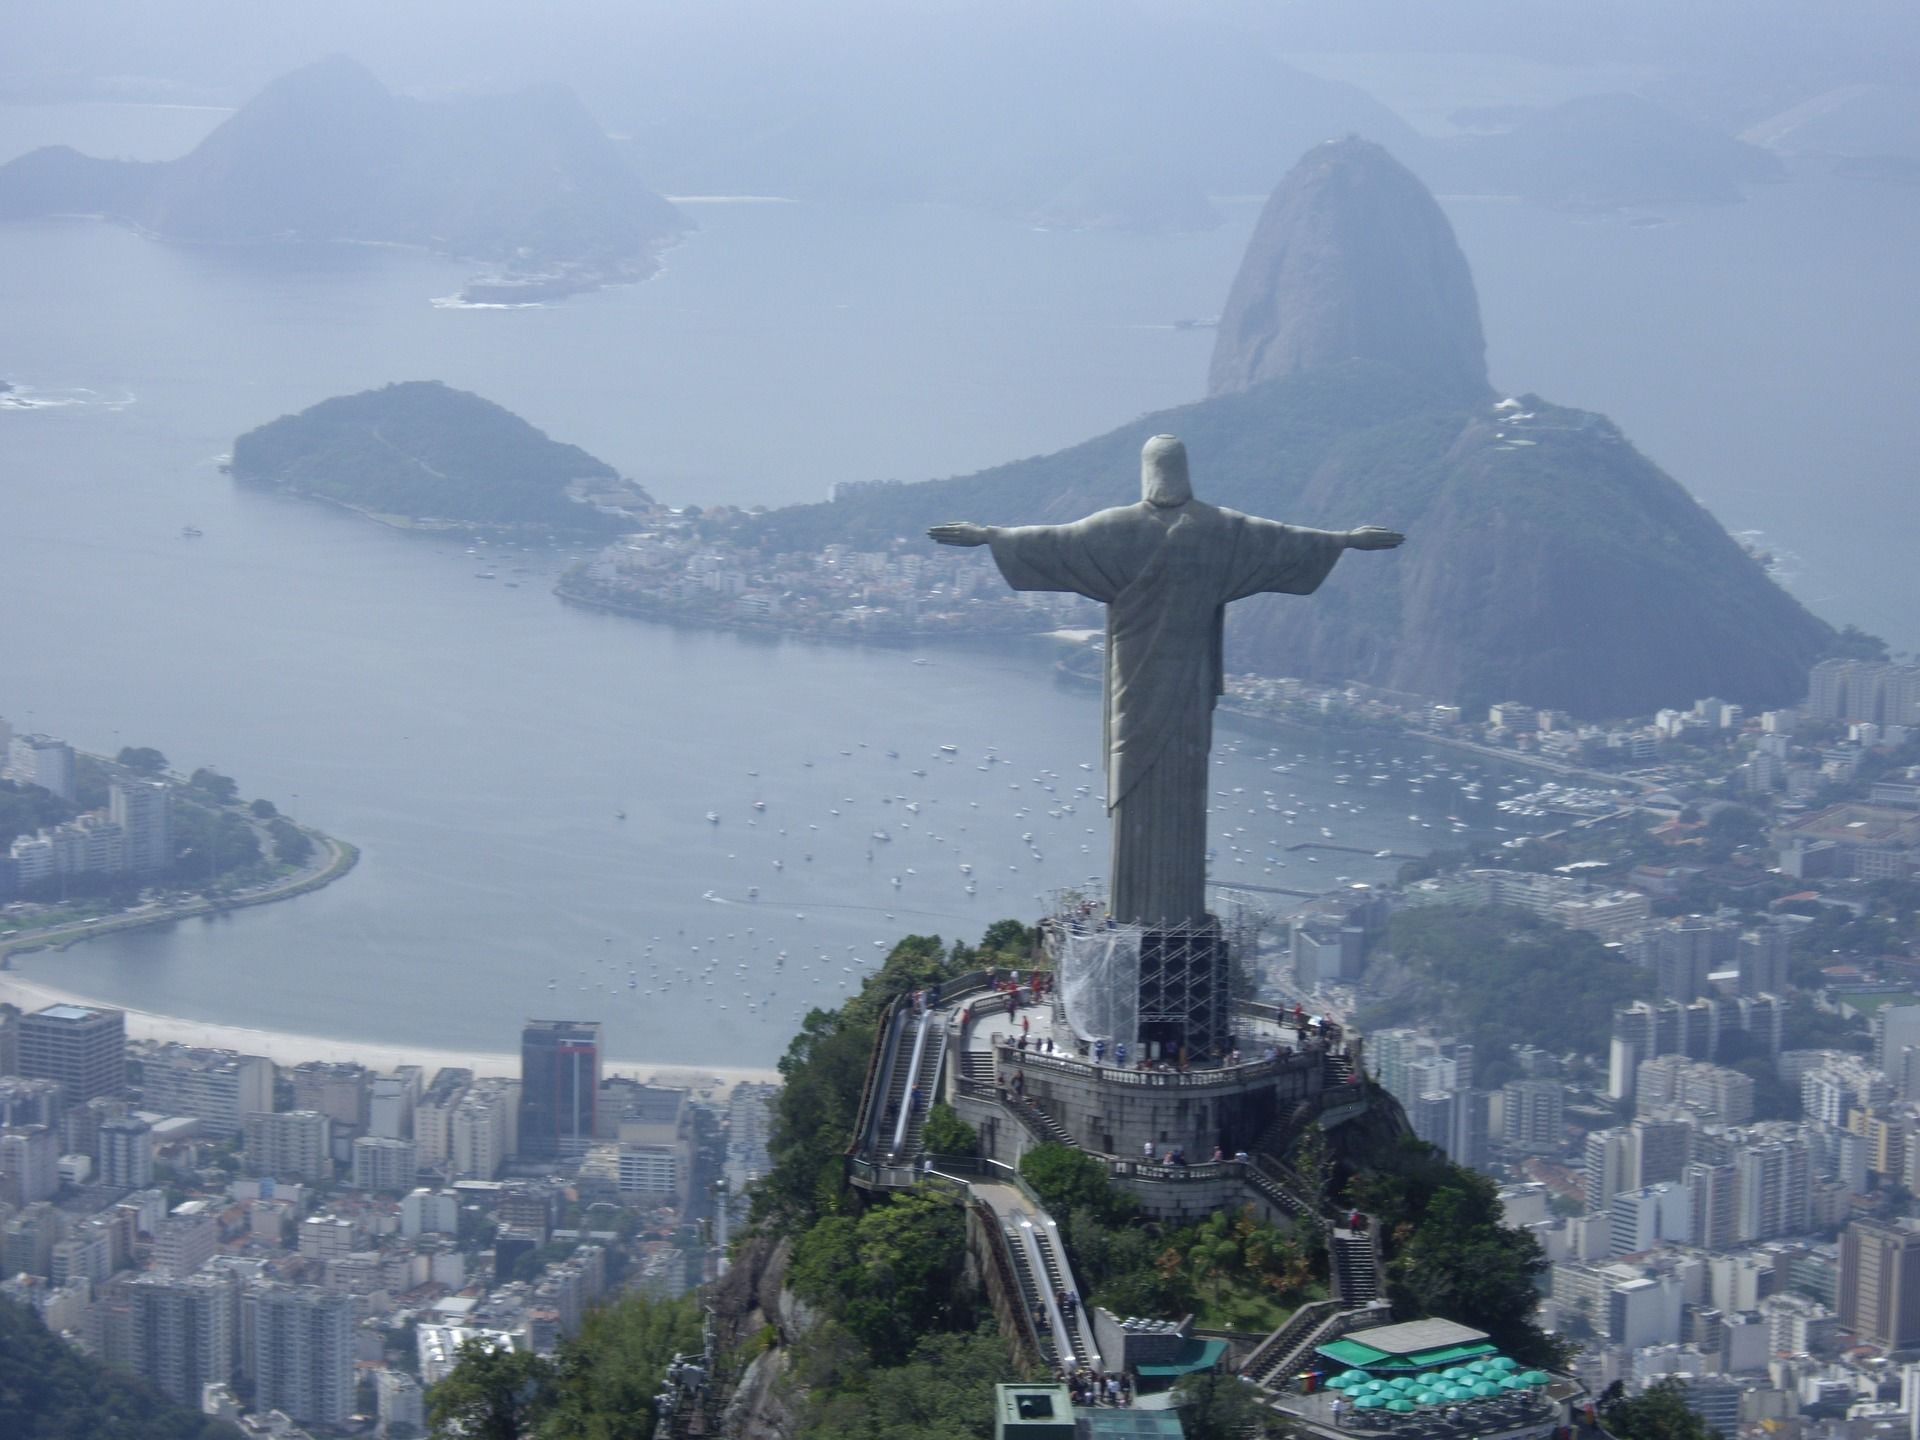 Les incontournables du Brésil, 10 jours / 07 nuits, limité à 20 participants par départ - voyage  - sejour